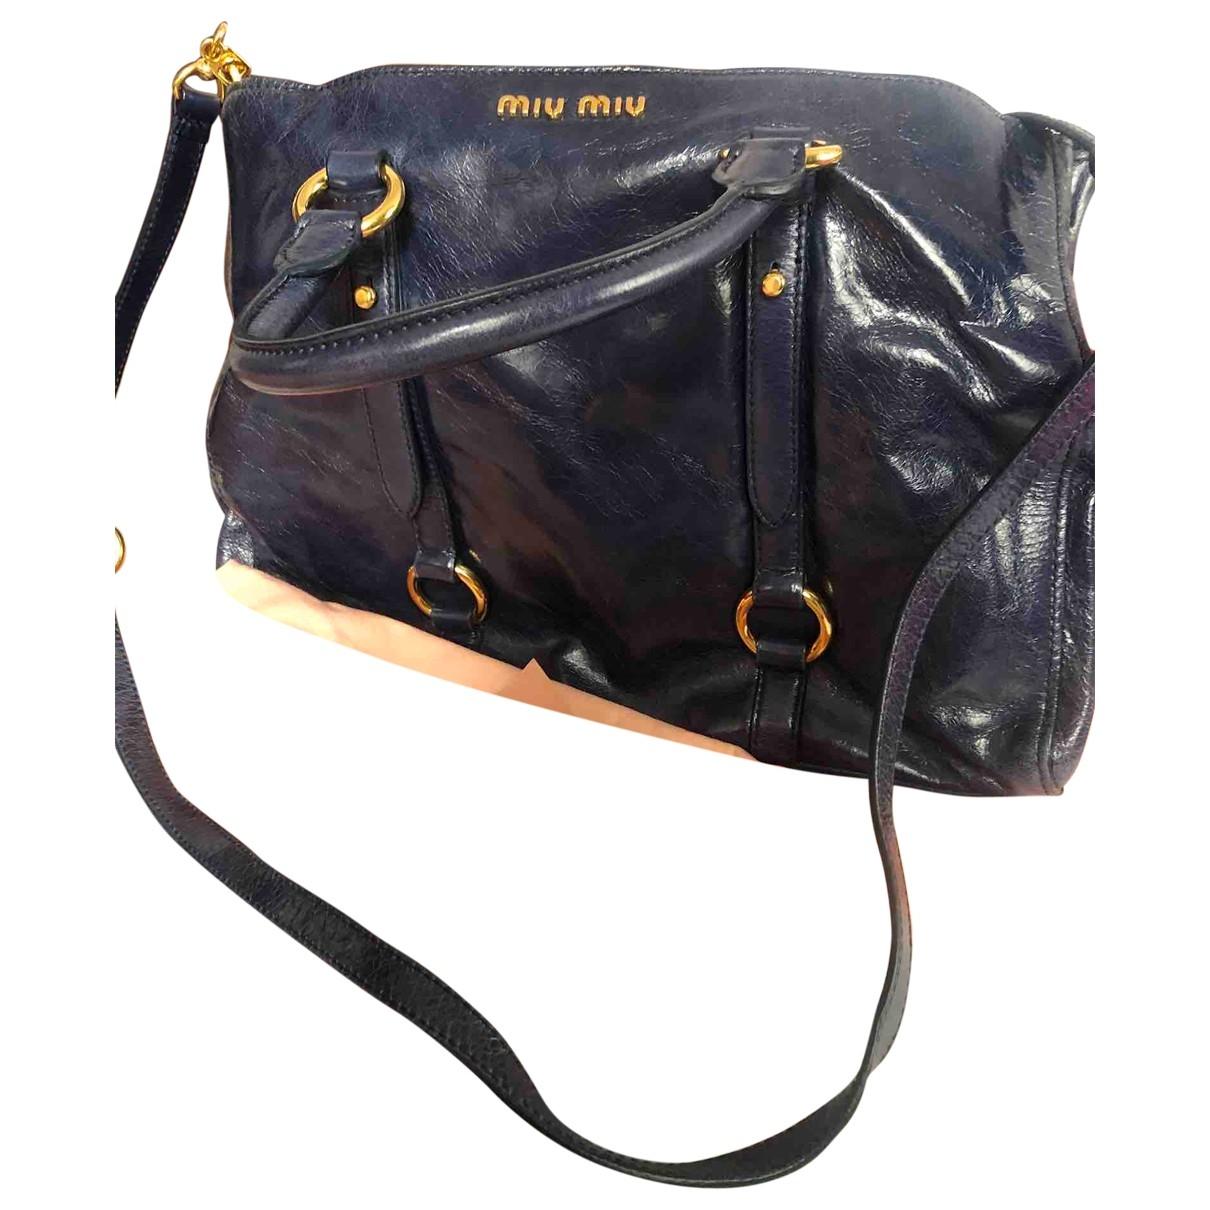 Miu Miu - Sac a main Bow bag pour femme en cuir - bleu